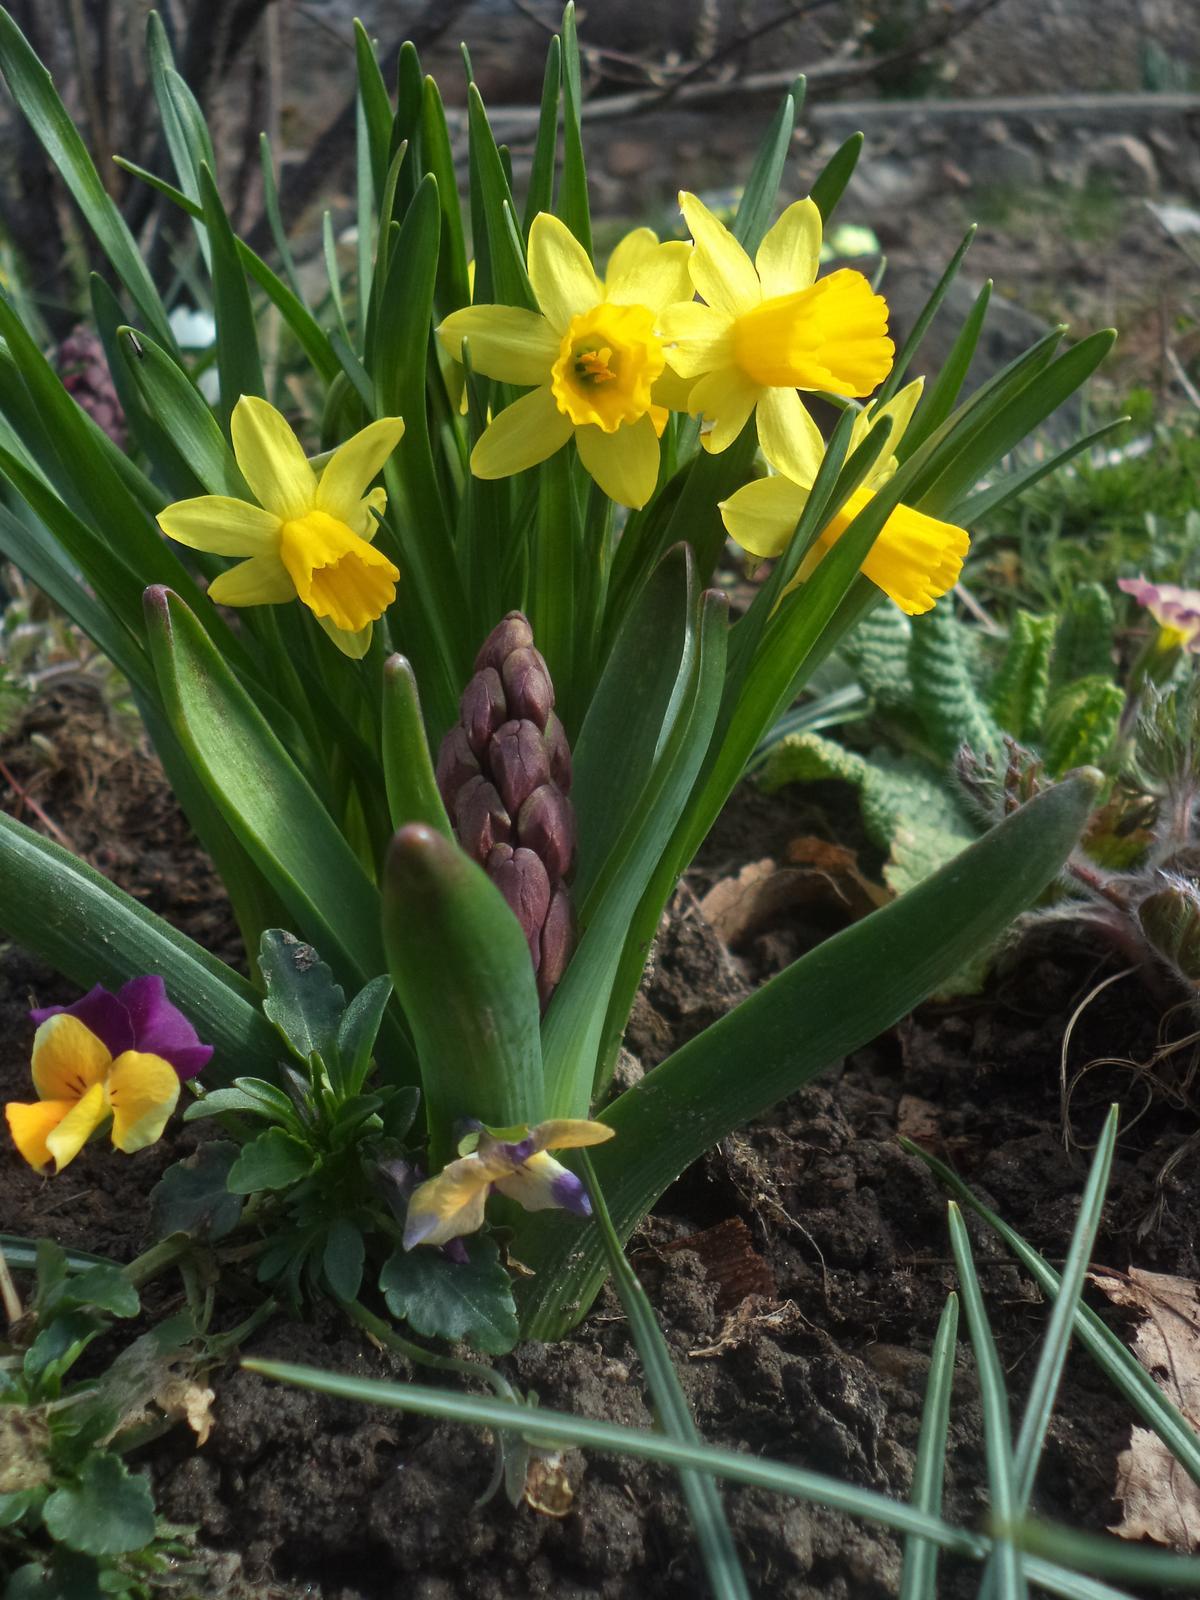 Zahrádkové - ..přeživší macešky, podzimní sadba zakrslých narcisů a hyacintů...